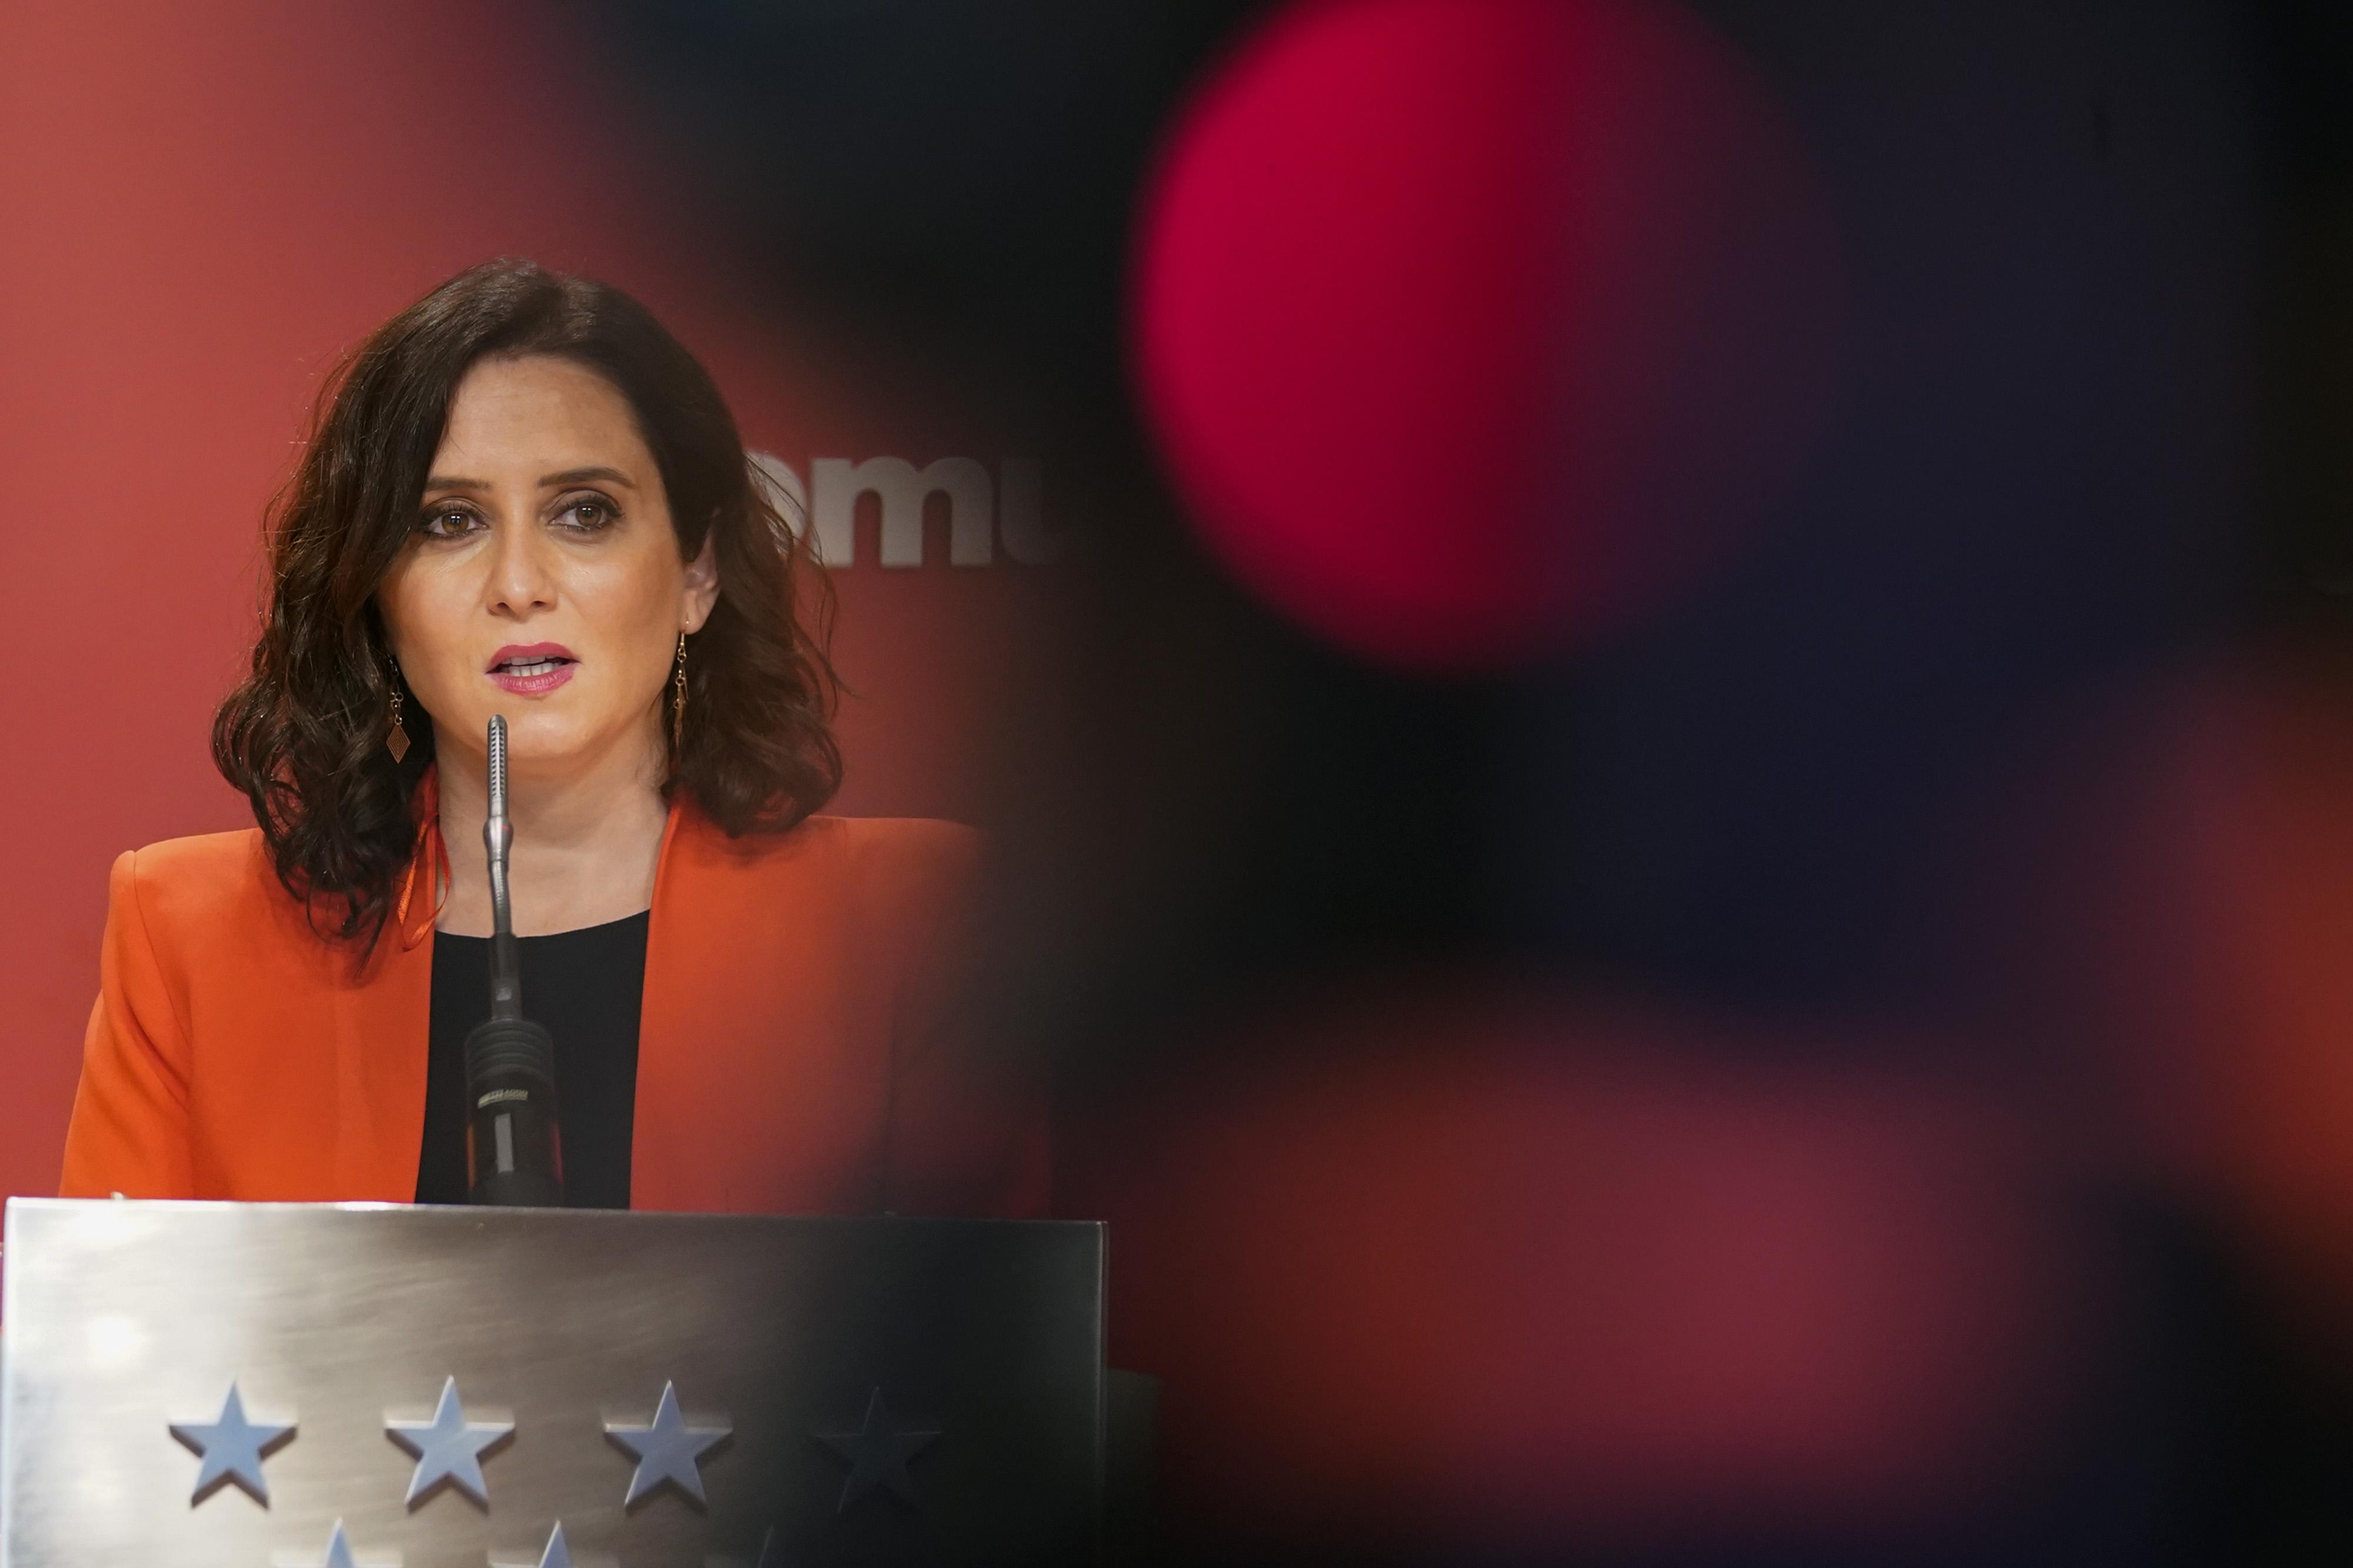 DVD1043 (15/02/2021) La presidenta de la Comunidad de Madrid Isabel D'az Ayuso llega a una rueda de prensa en la sede en la Puerta del Sol en Madrid.